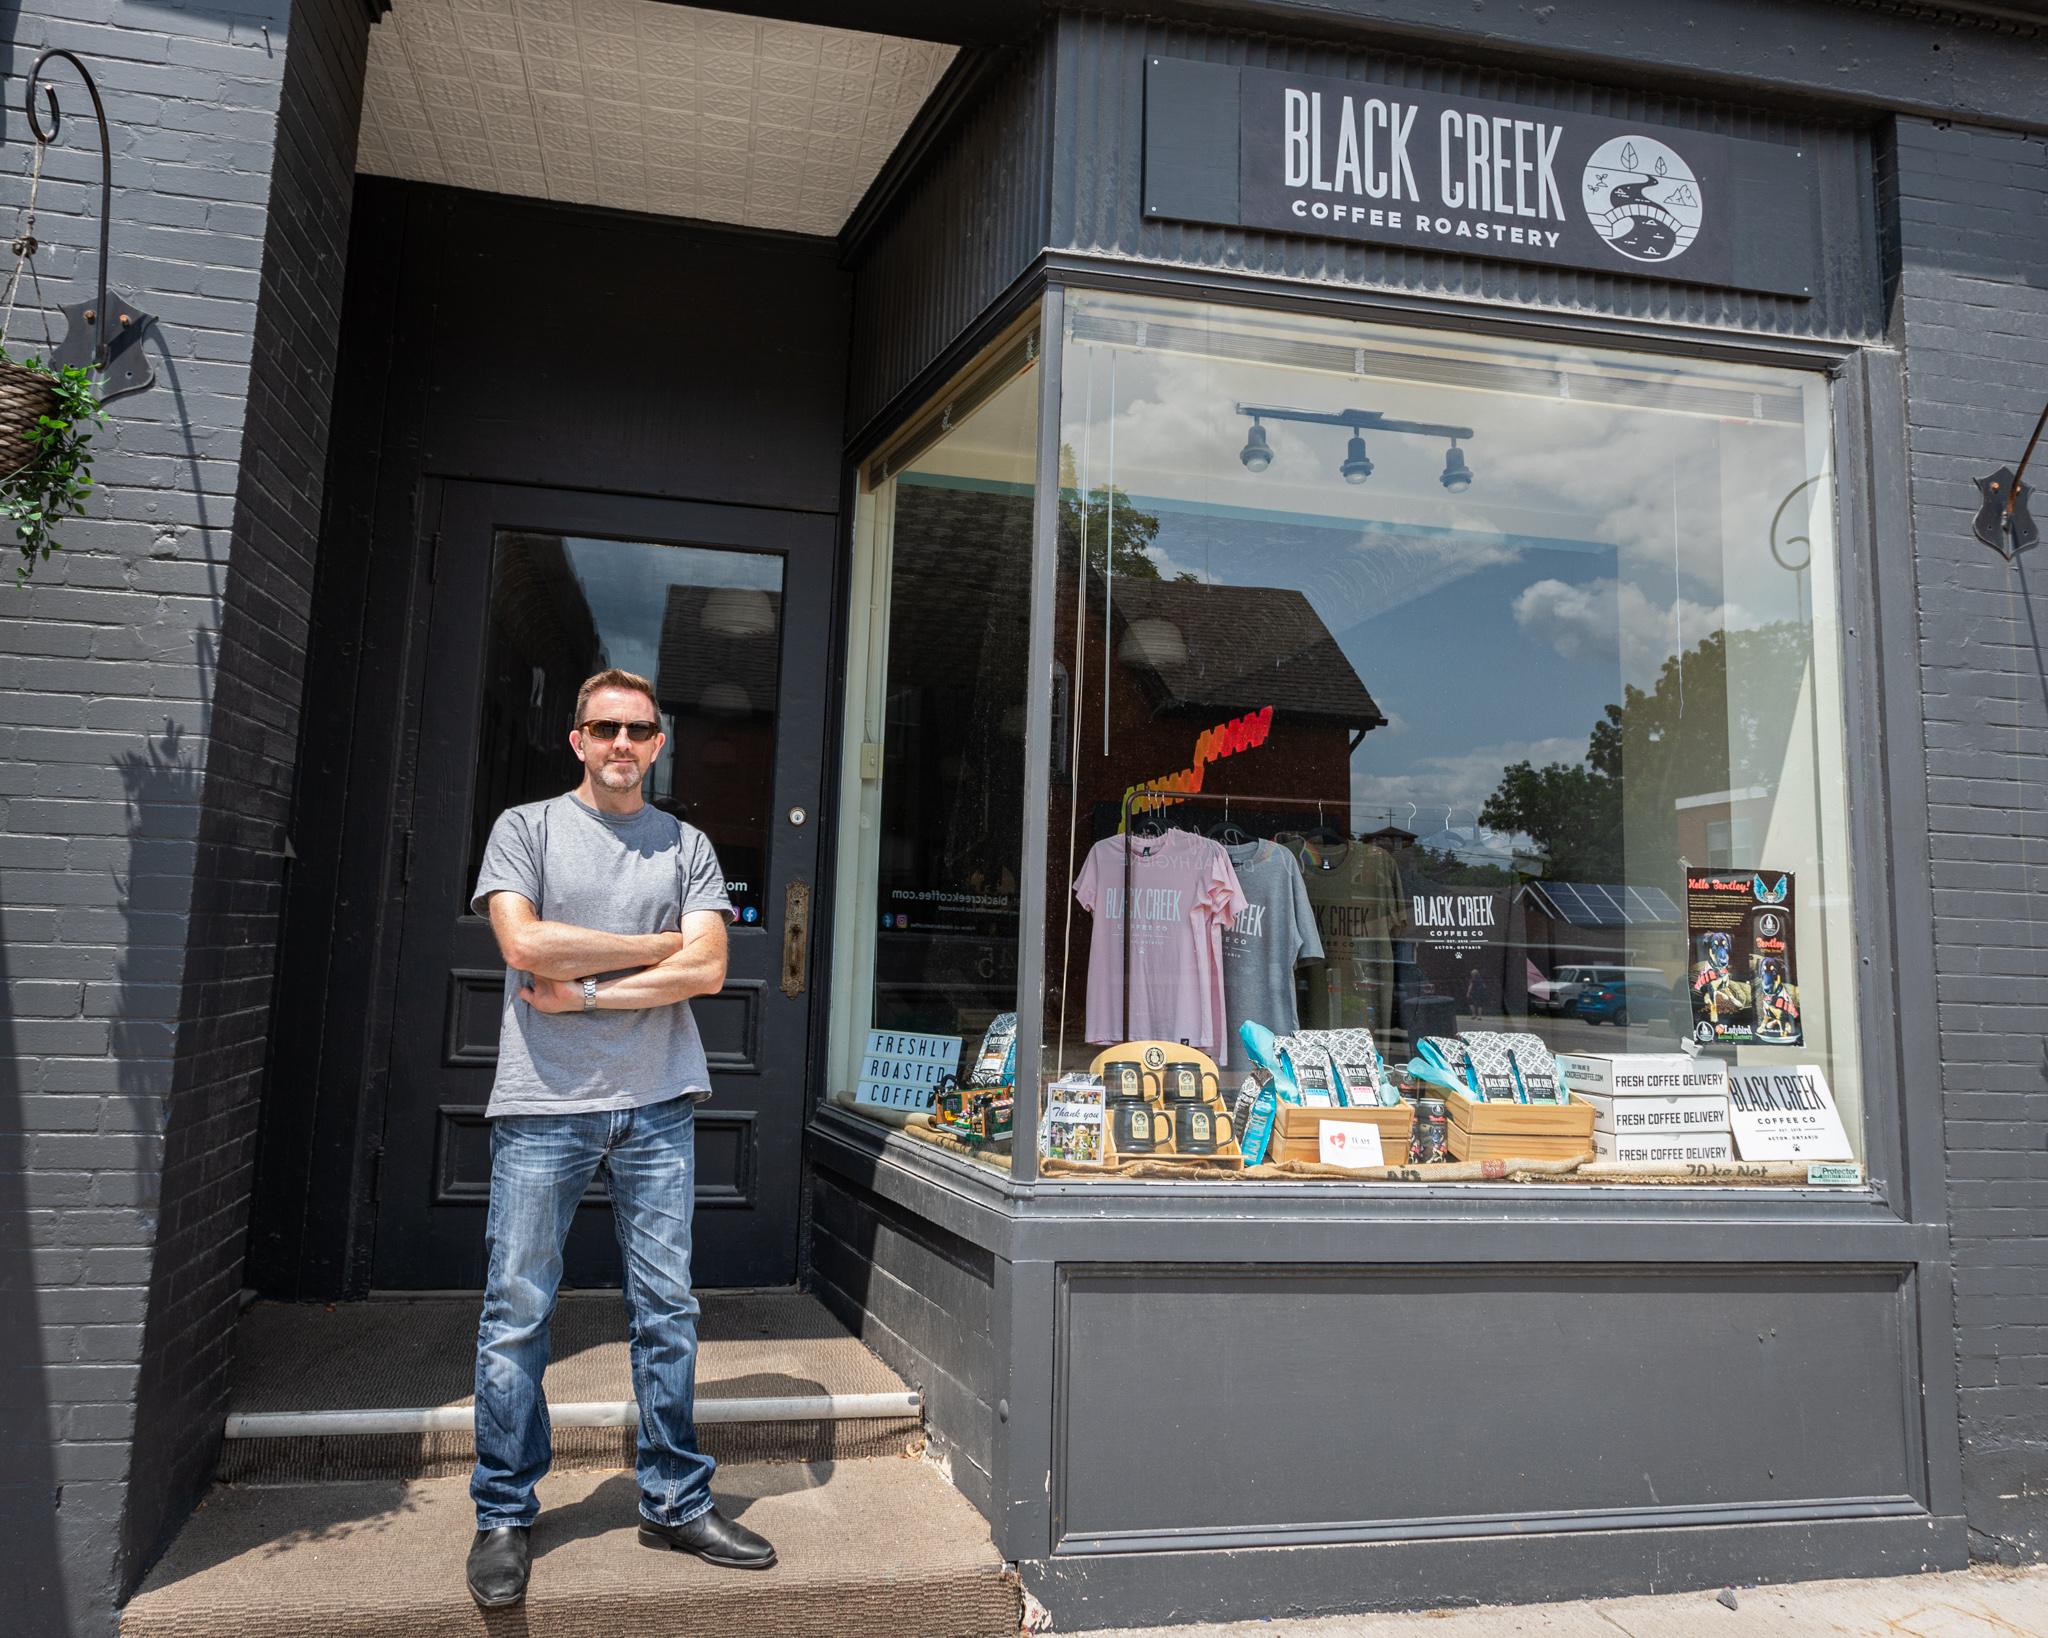 Meet the Business Owner – Black Creek Coffee